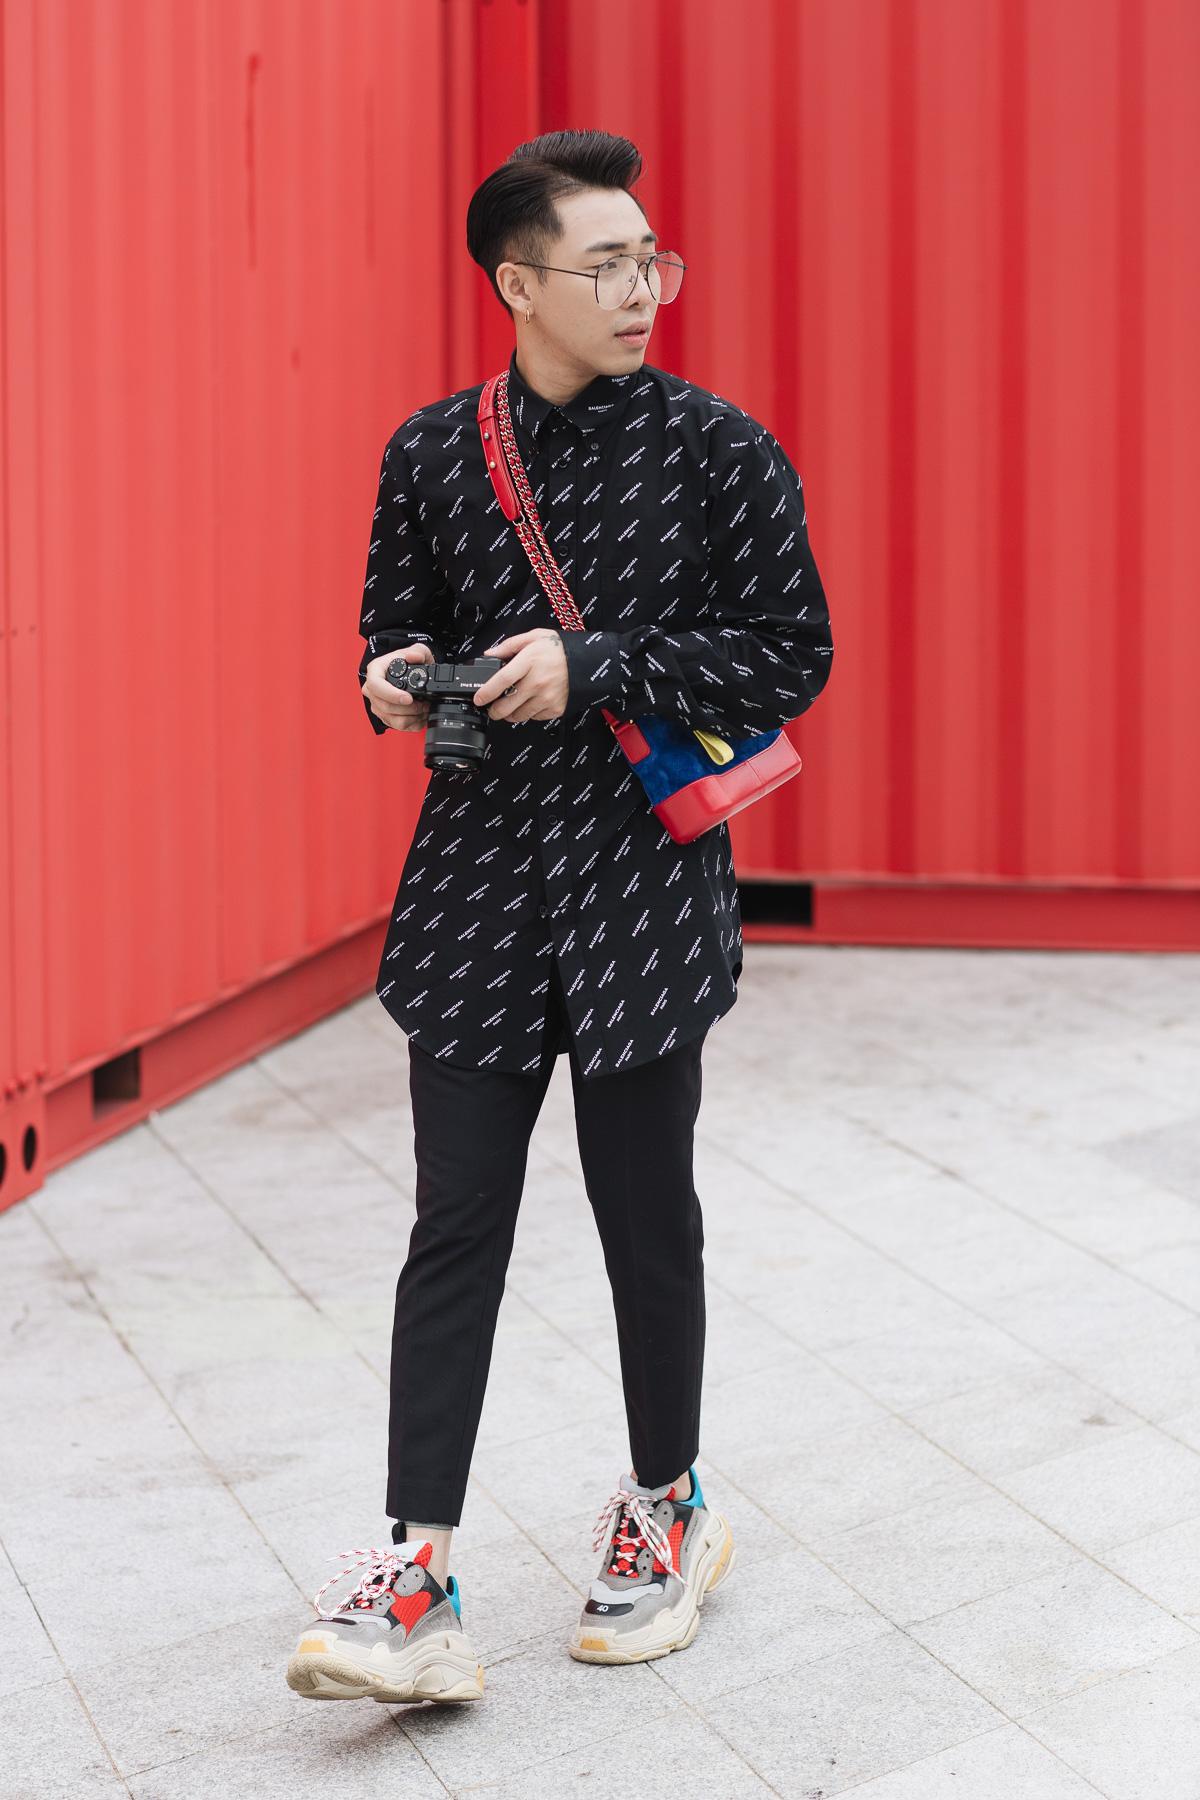 Cac street style look tuyet dep tai Seoul Fashion Week Xuan He 2018 29